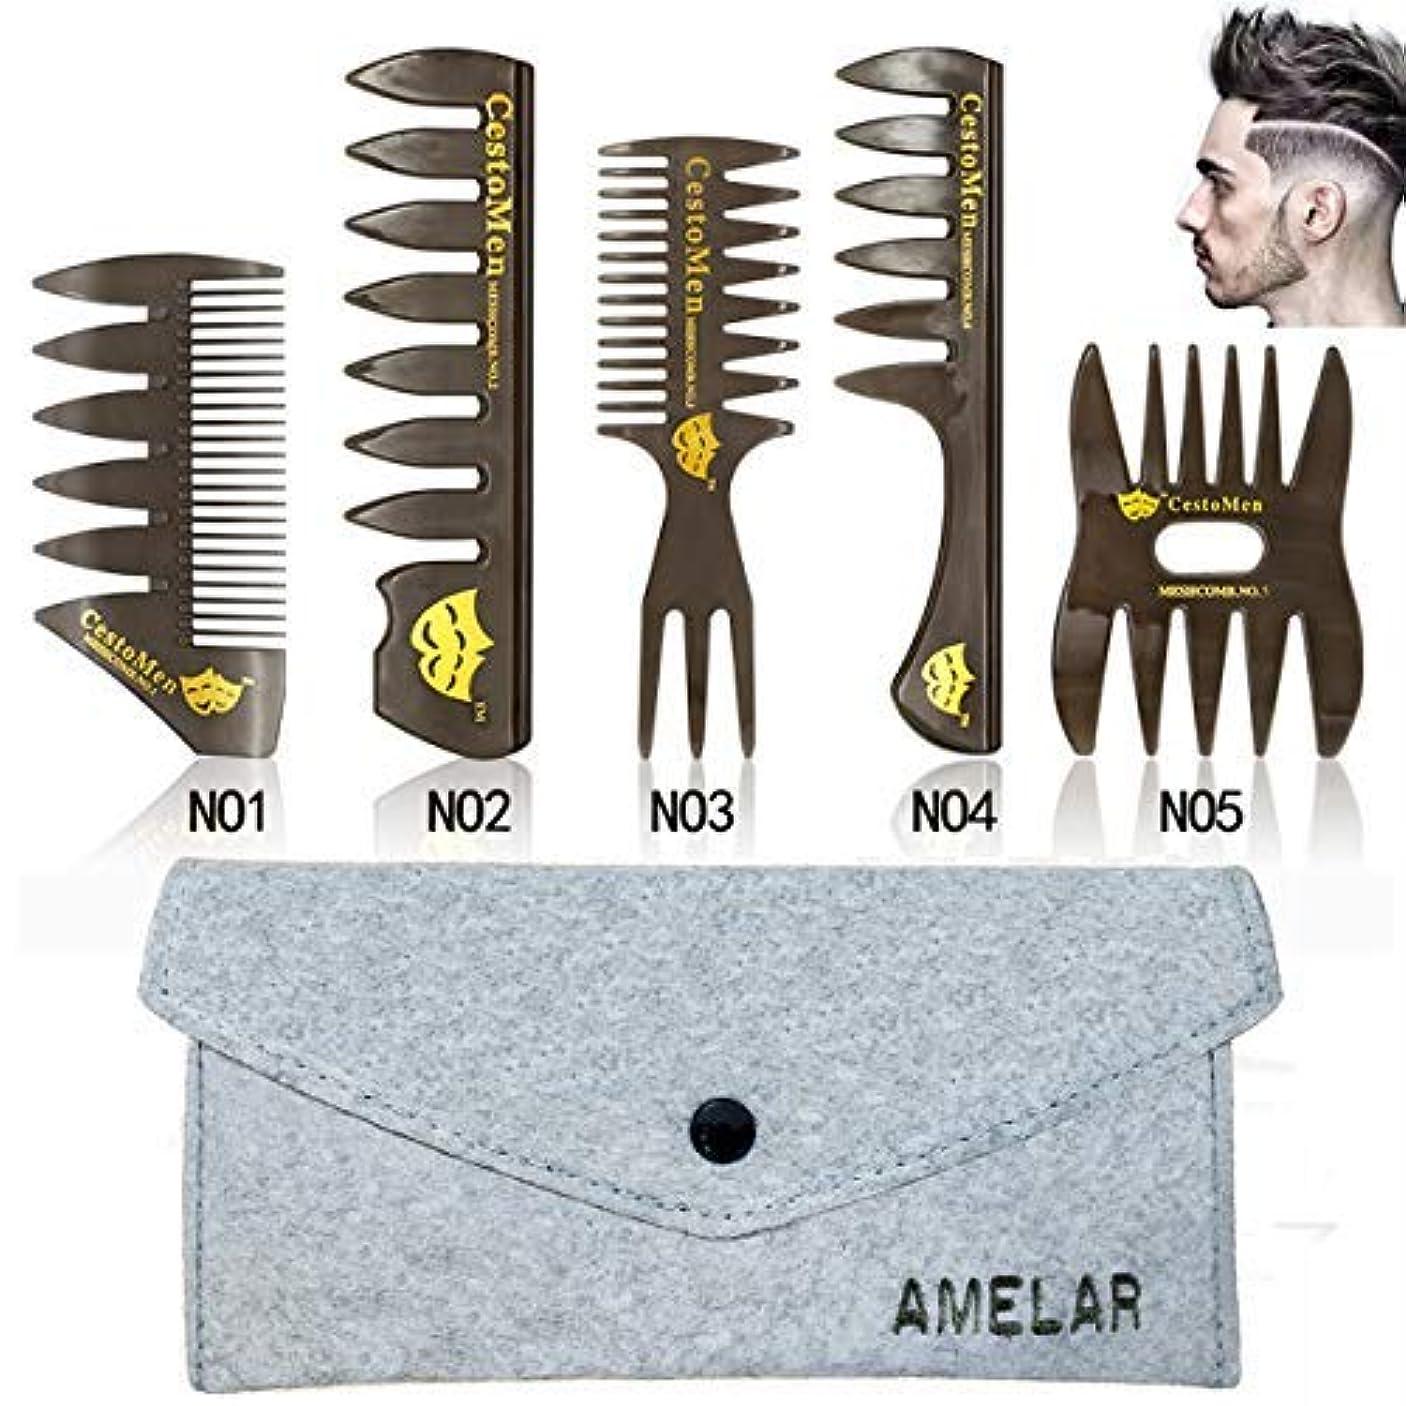 マラソンエクステント王位6 PCS Hair Comb Styling Set Barber Hairstylist Accessories,Professional Shaping & Wet Pick Barber Brush Tools,...